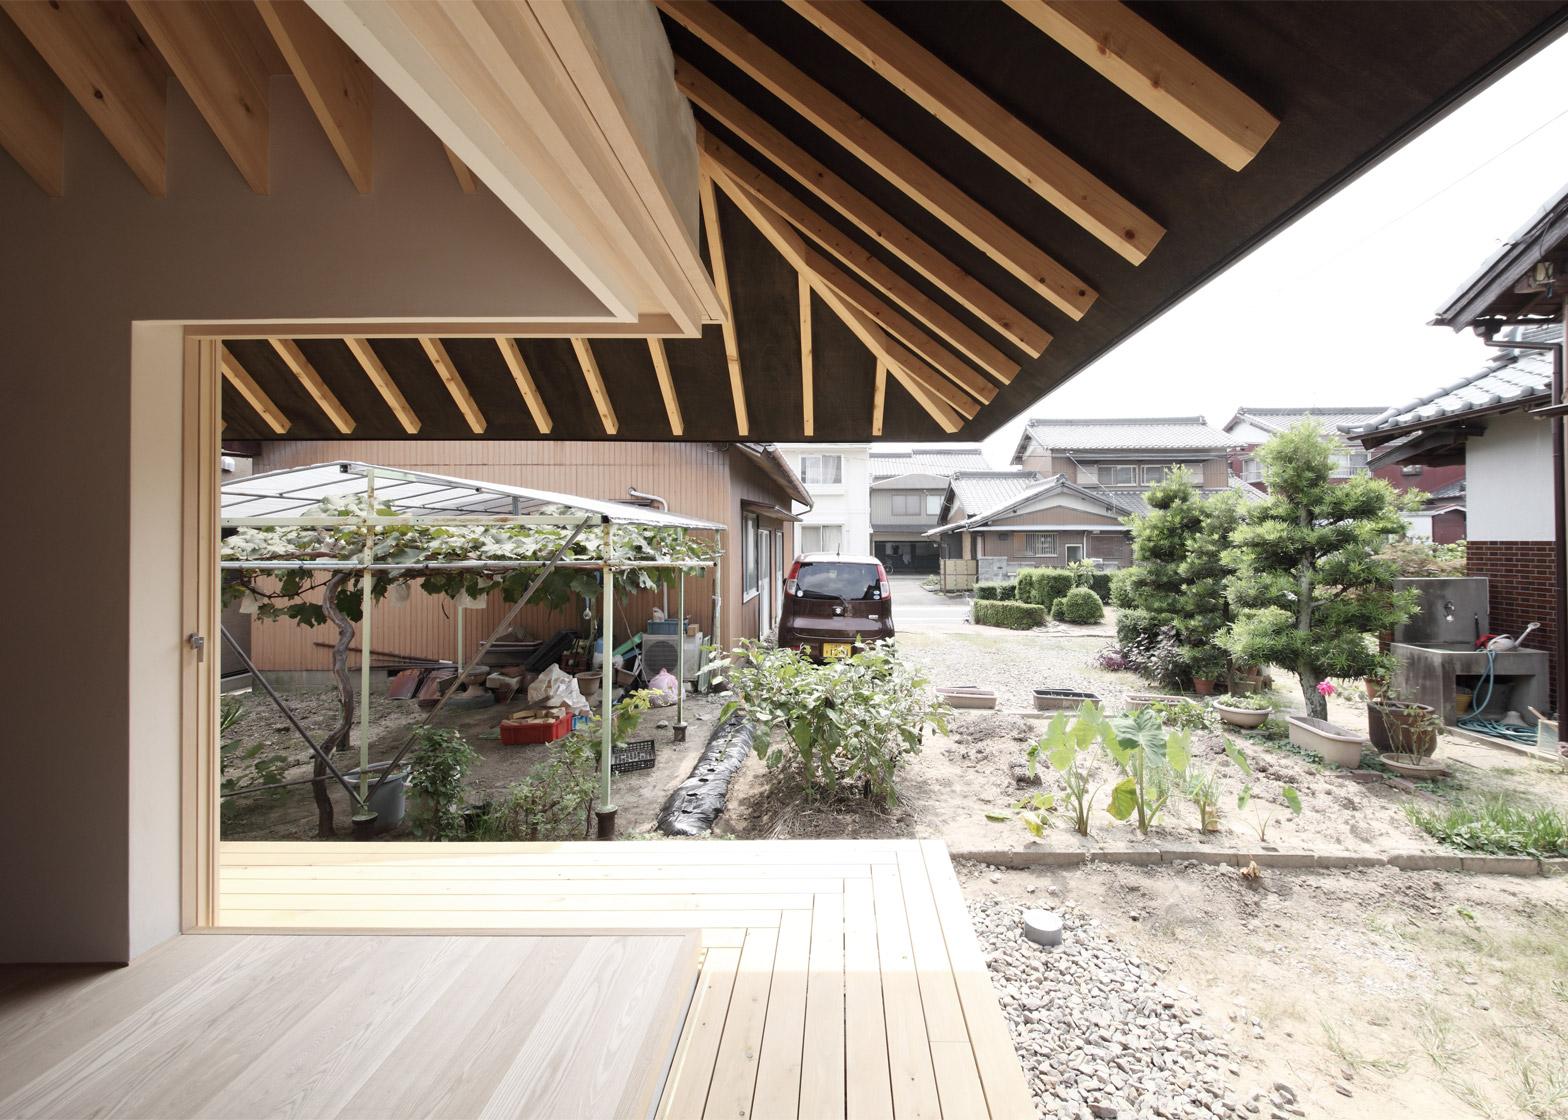 rumah modern jepang beranda - Inspirasi Dekorasi Rumah Modern Jepang ini, Memberikan Kesan Nyaman & Menyenangkan